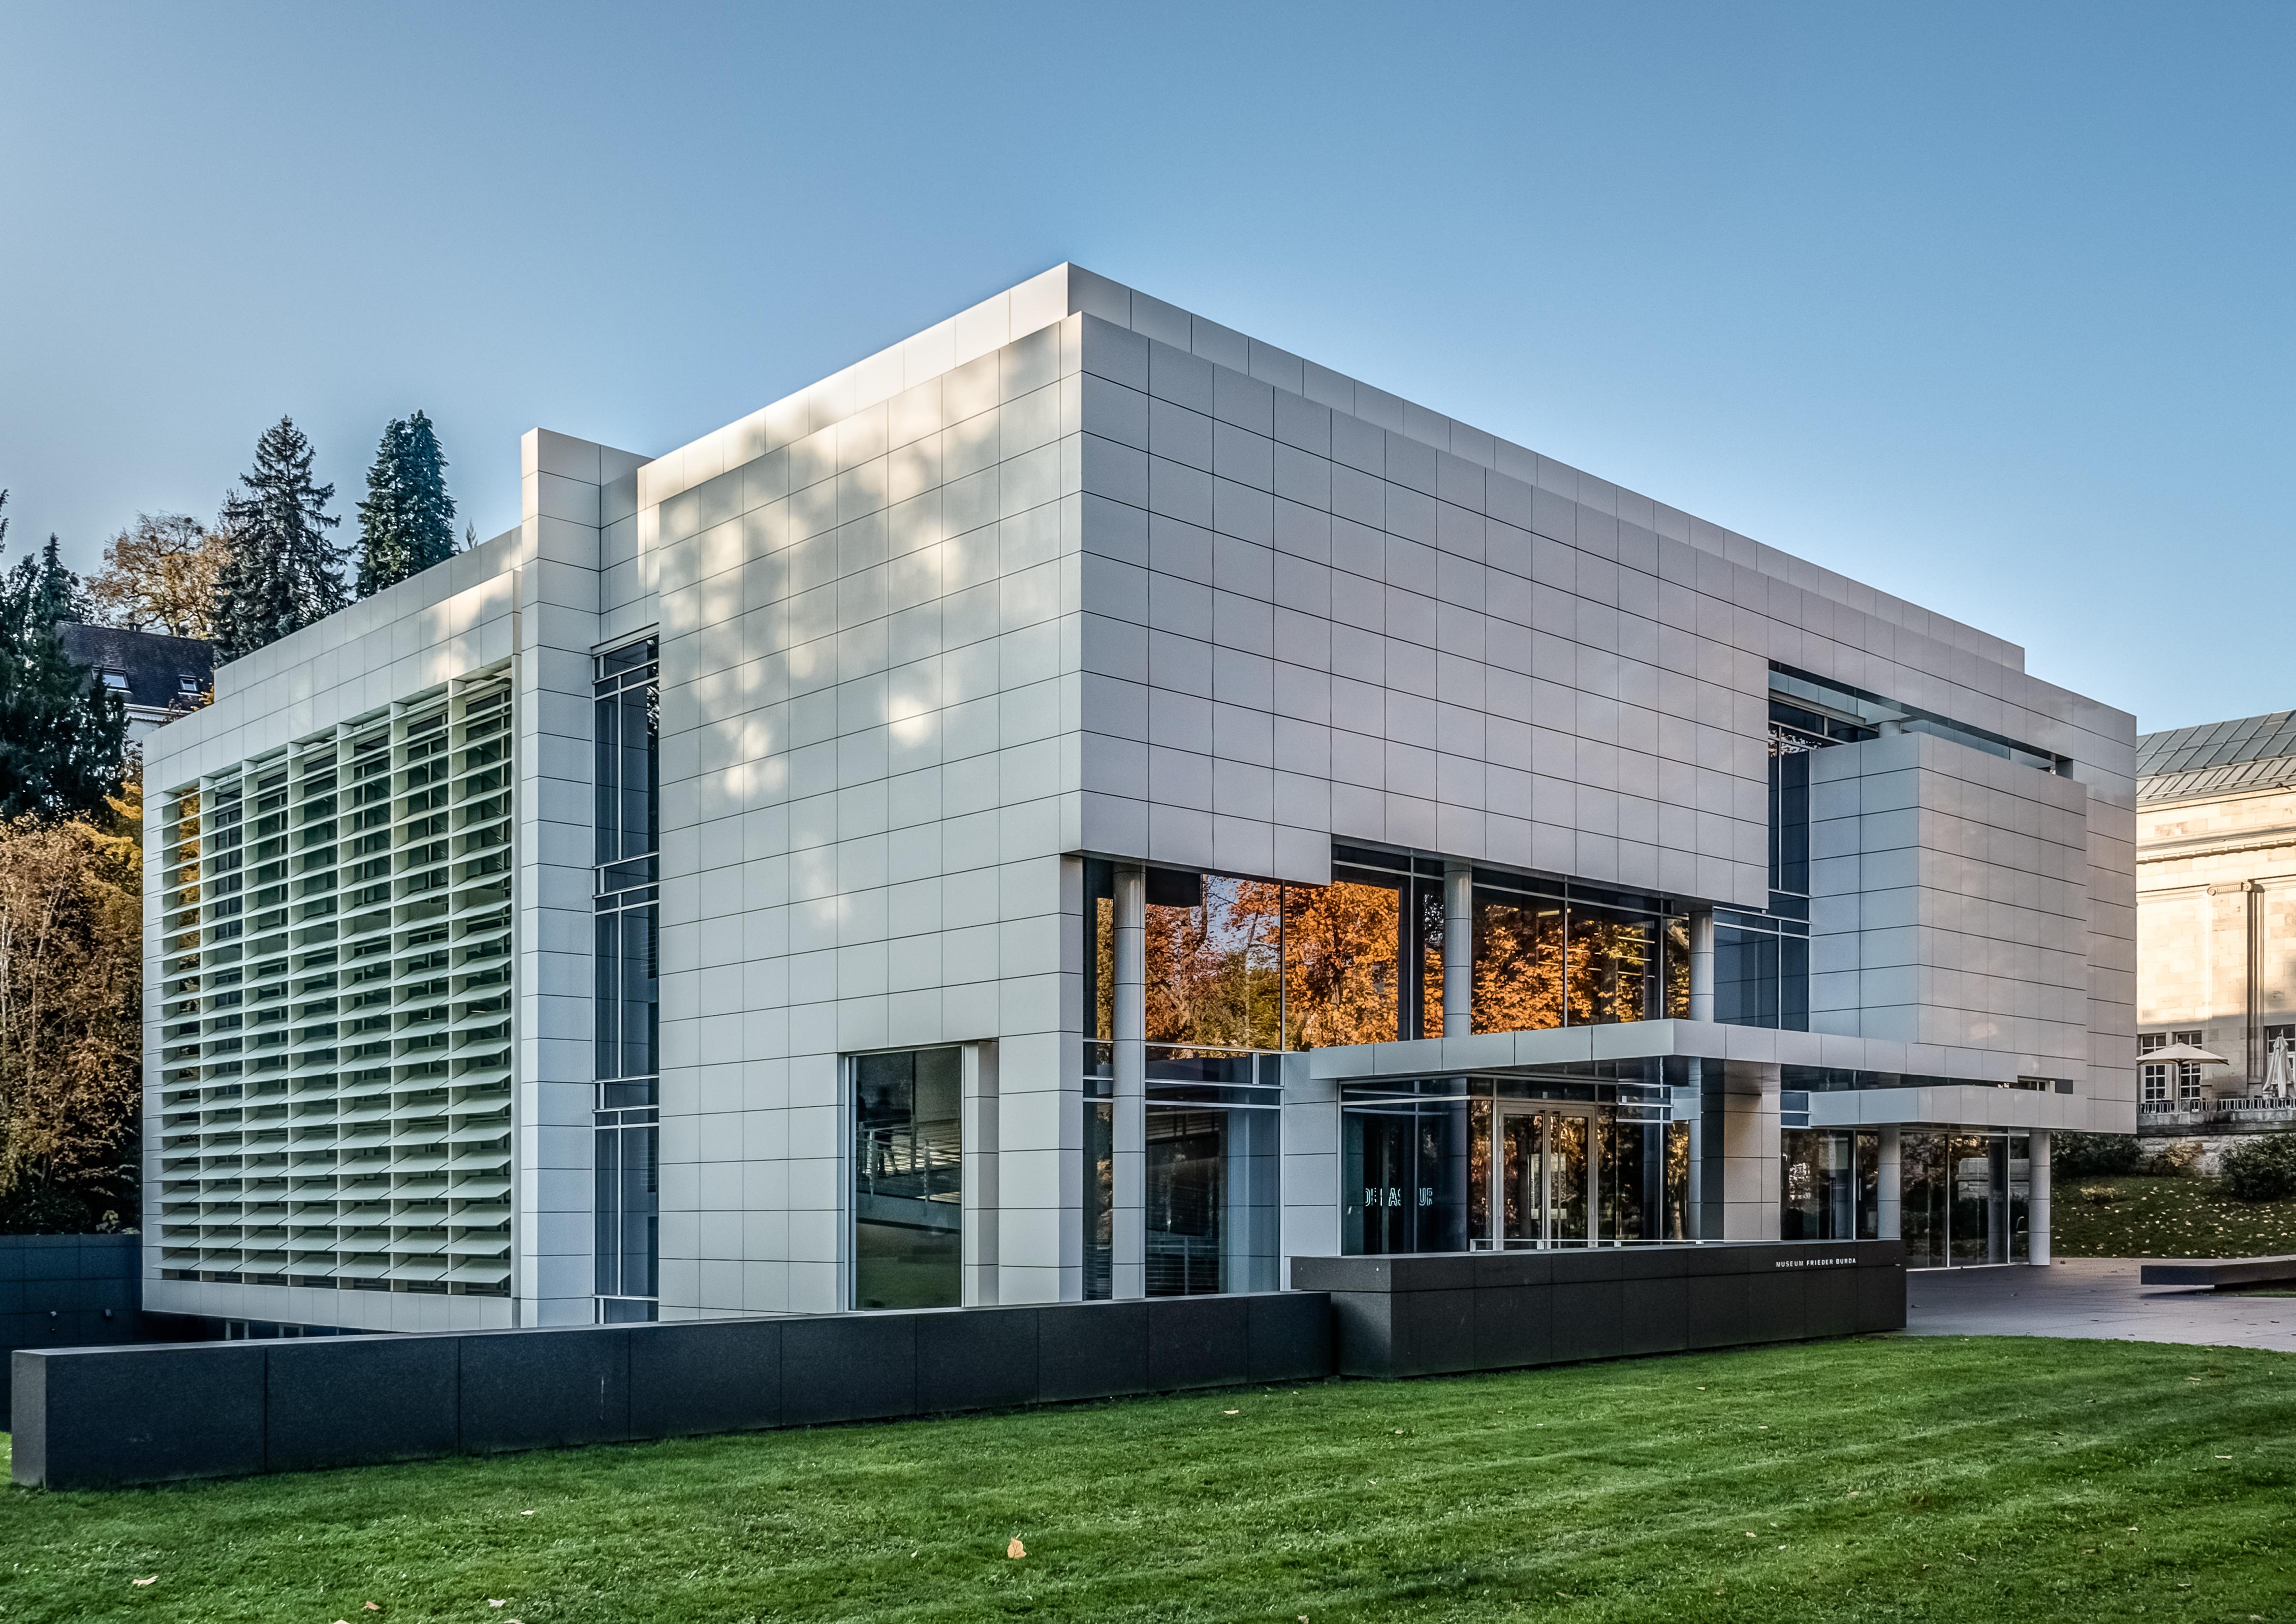 Baden-Baden Burda Museum